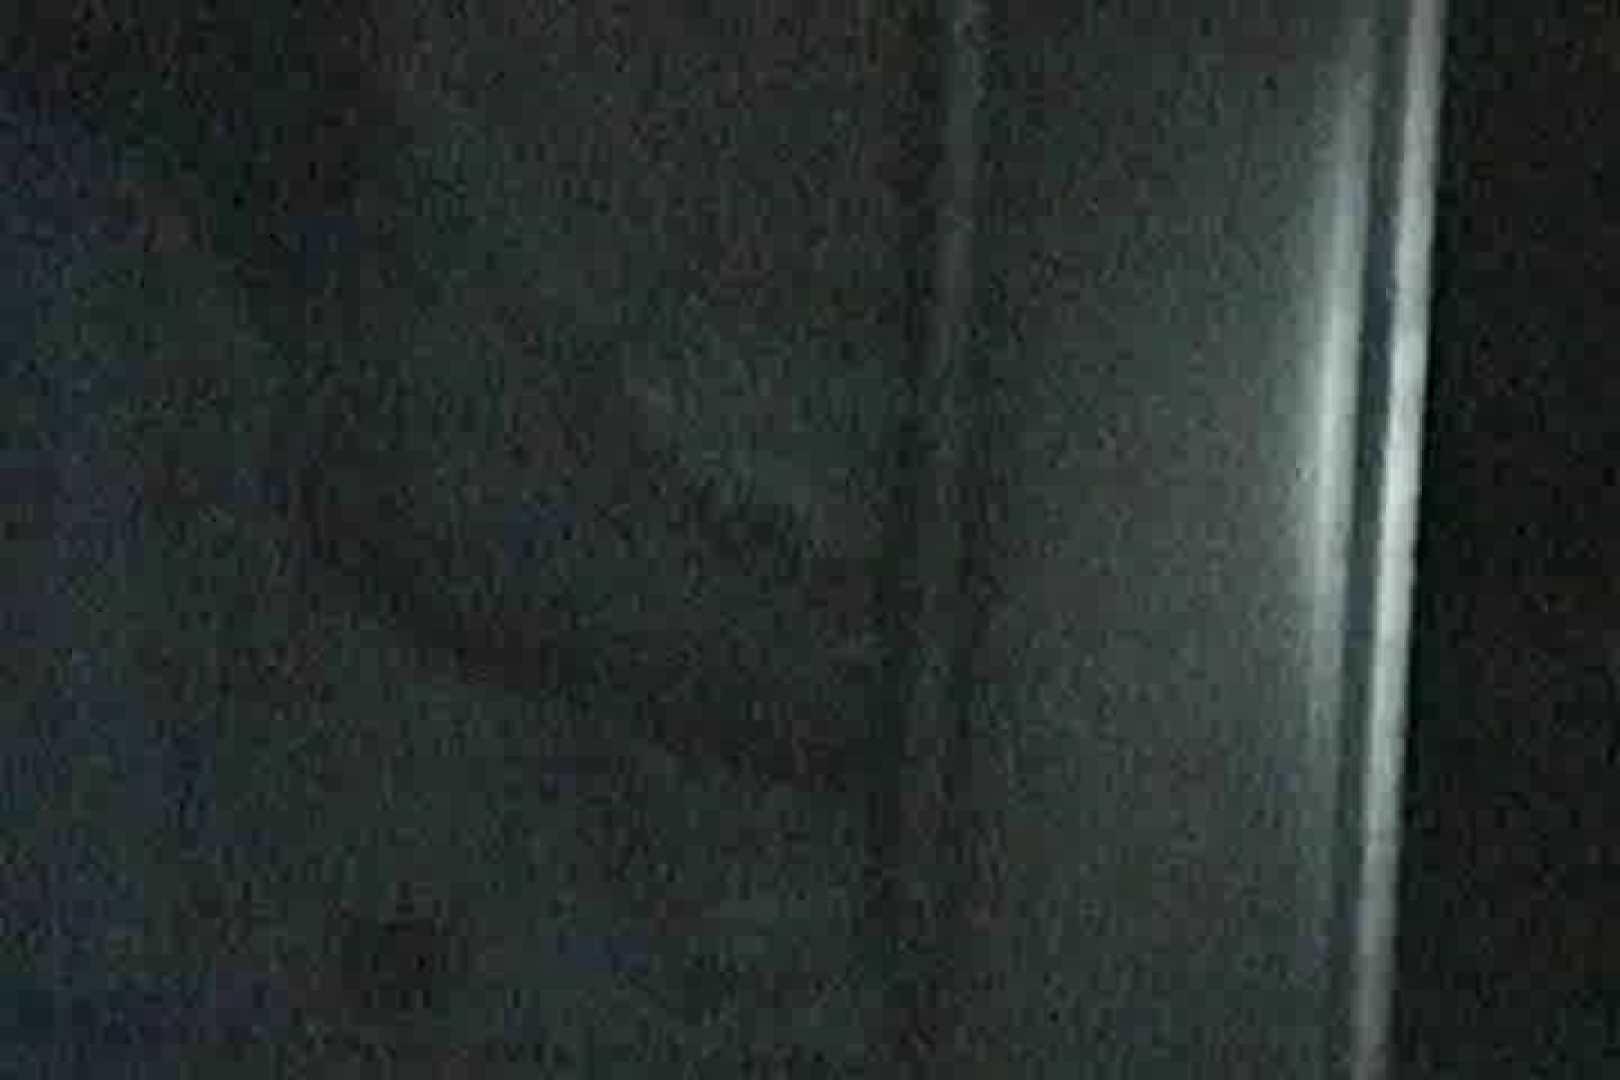 充血監督の深夜の運動会Vol.8 エッチなセックス セックス無修正動画無料 106画像 42